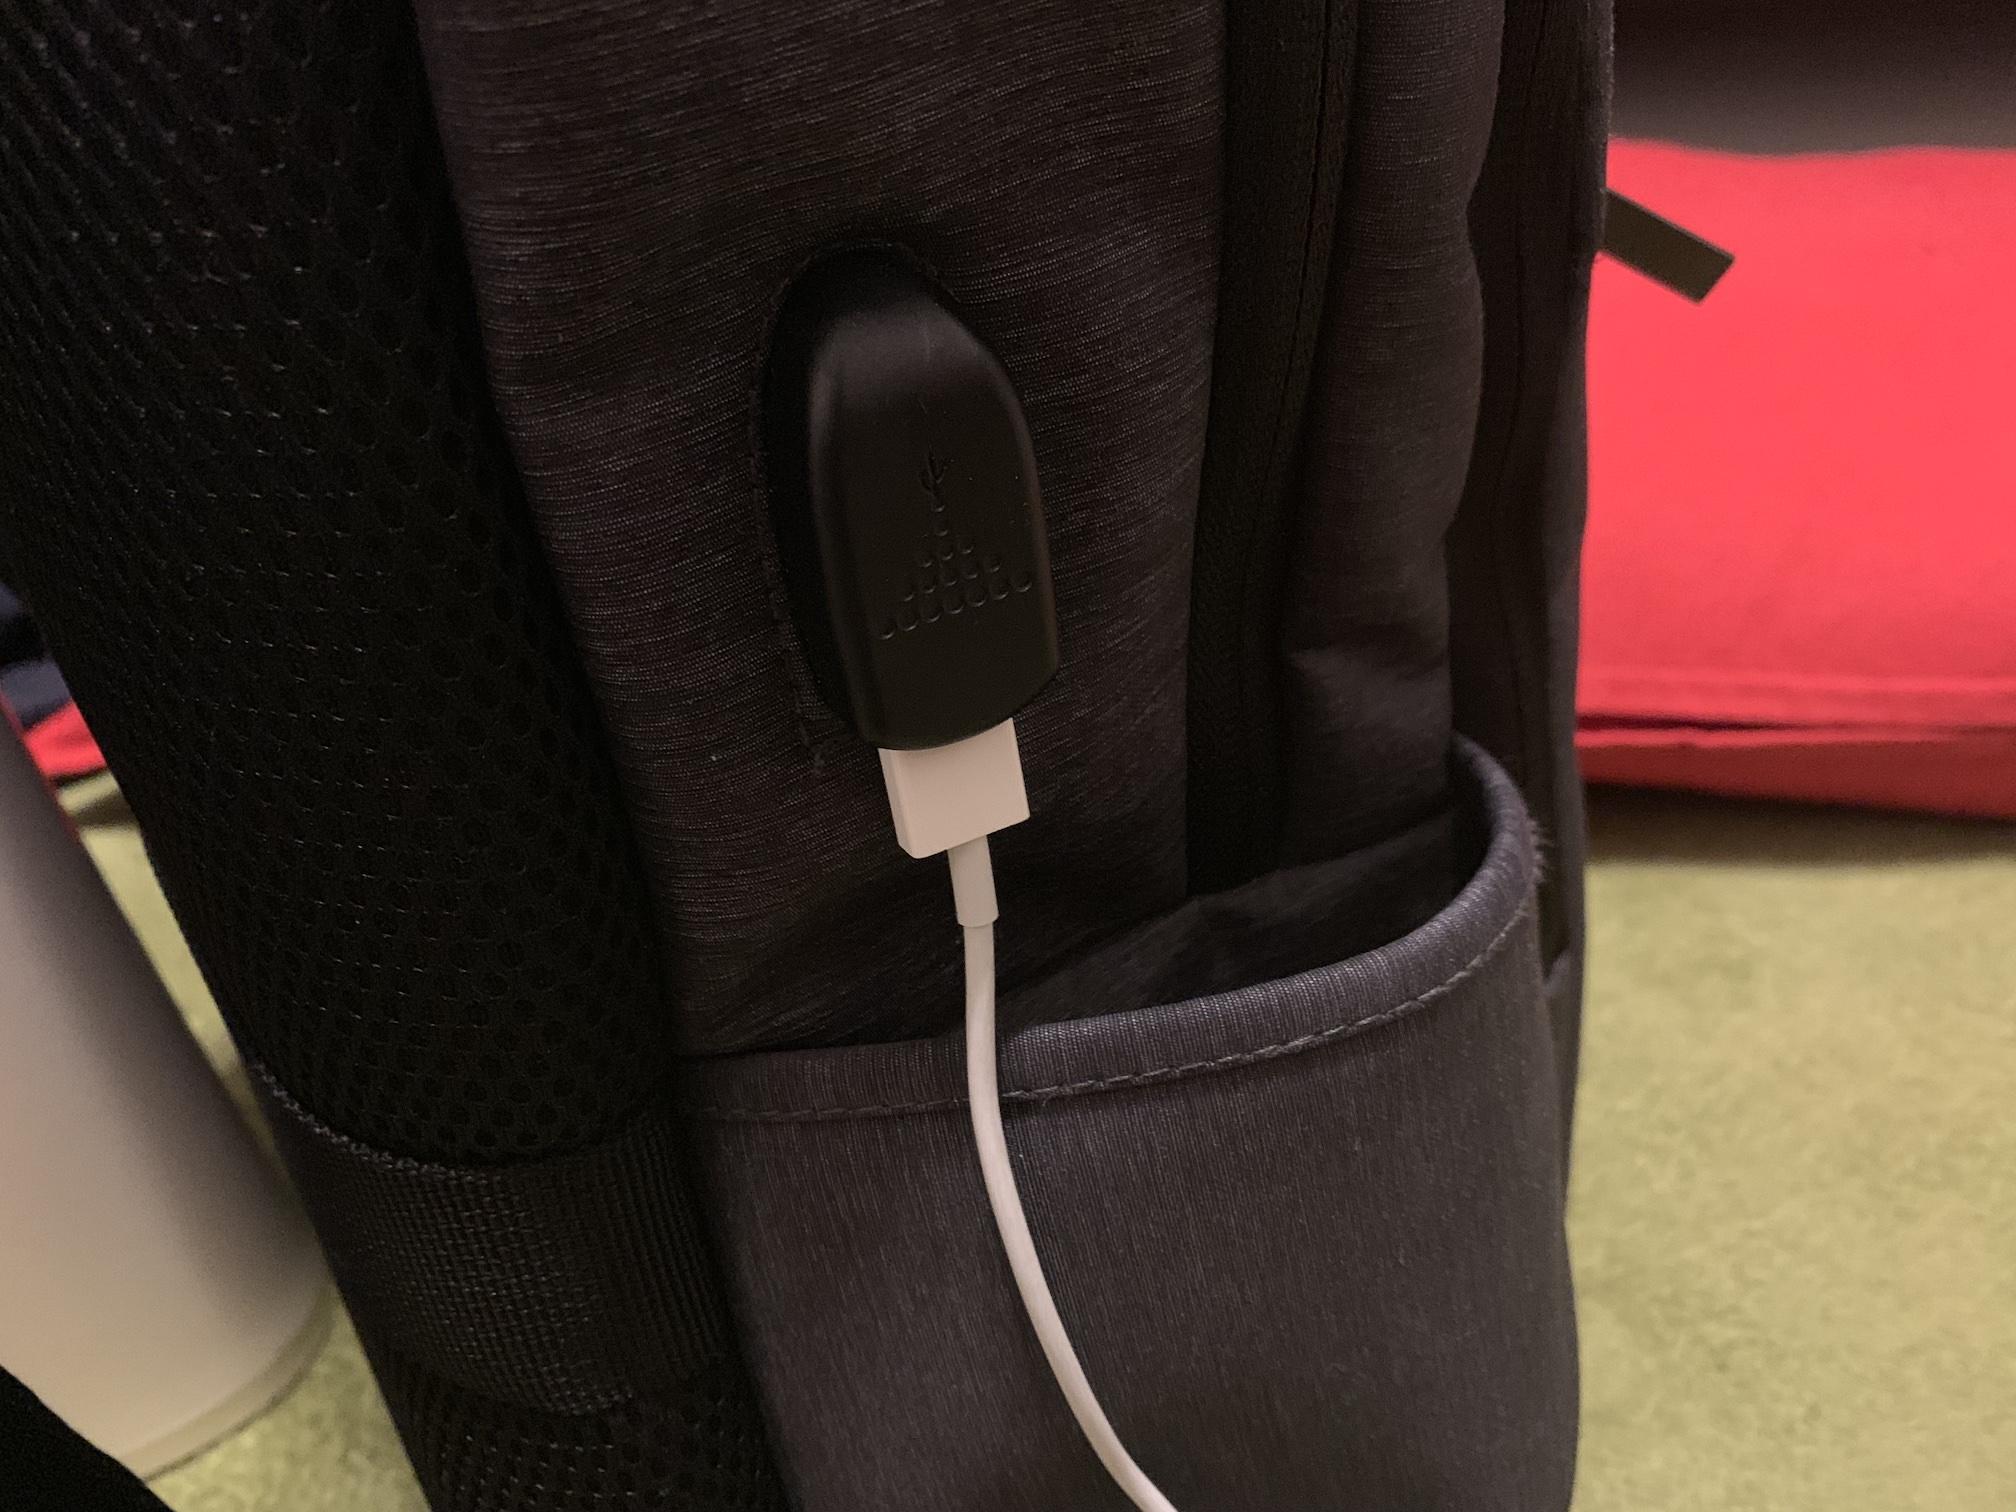 SLOTAM ビジネスリュック USBポート